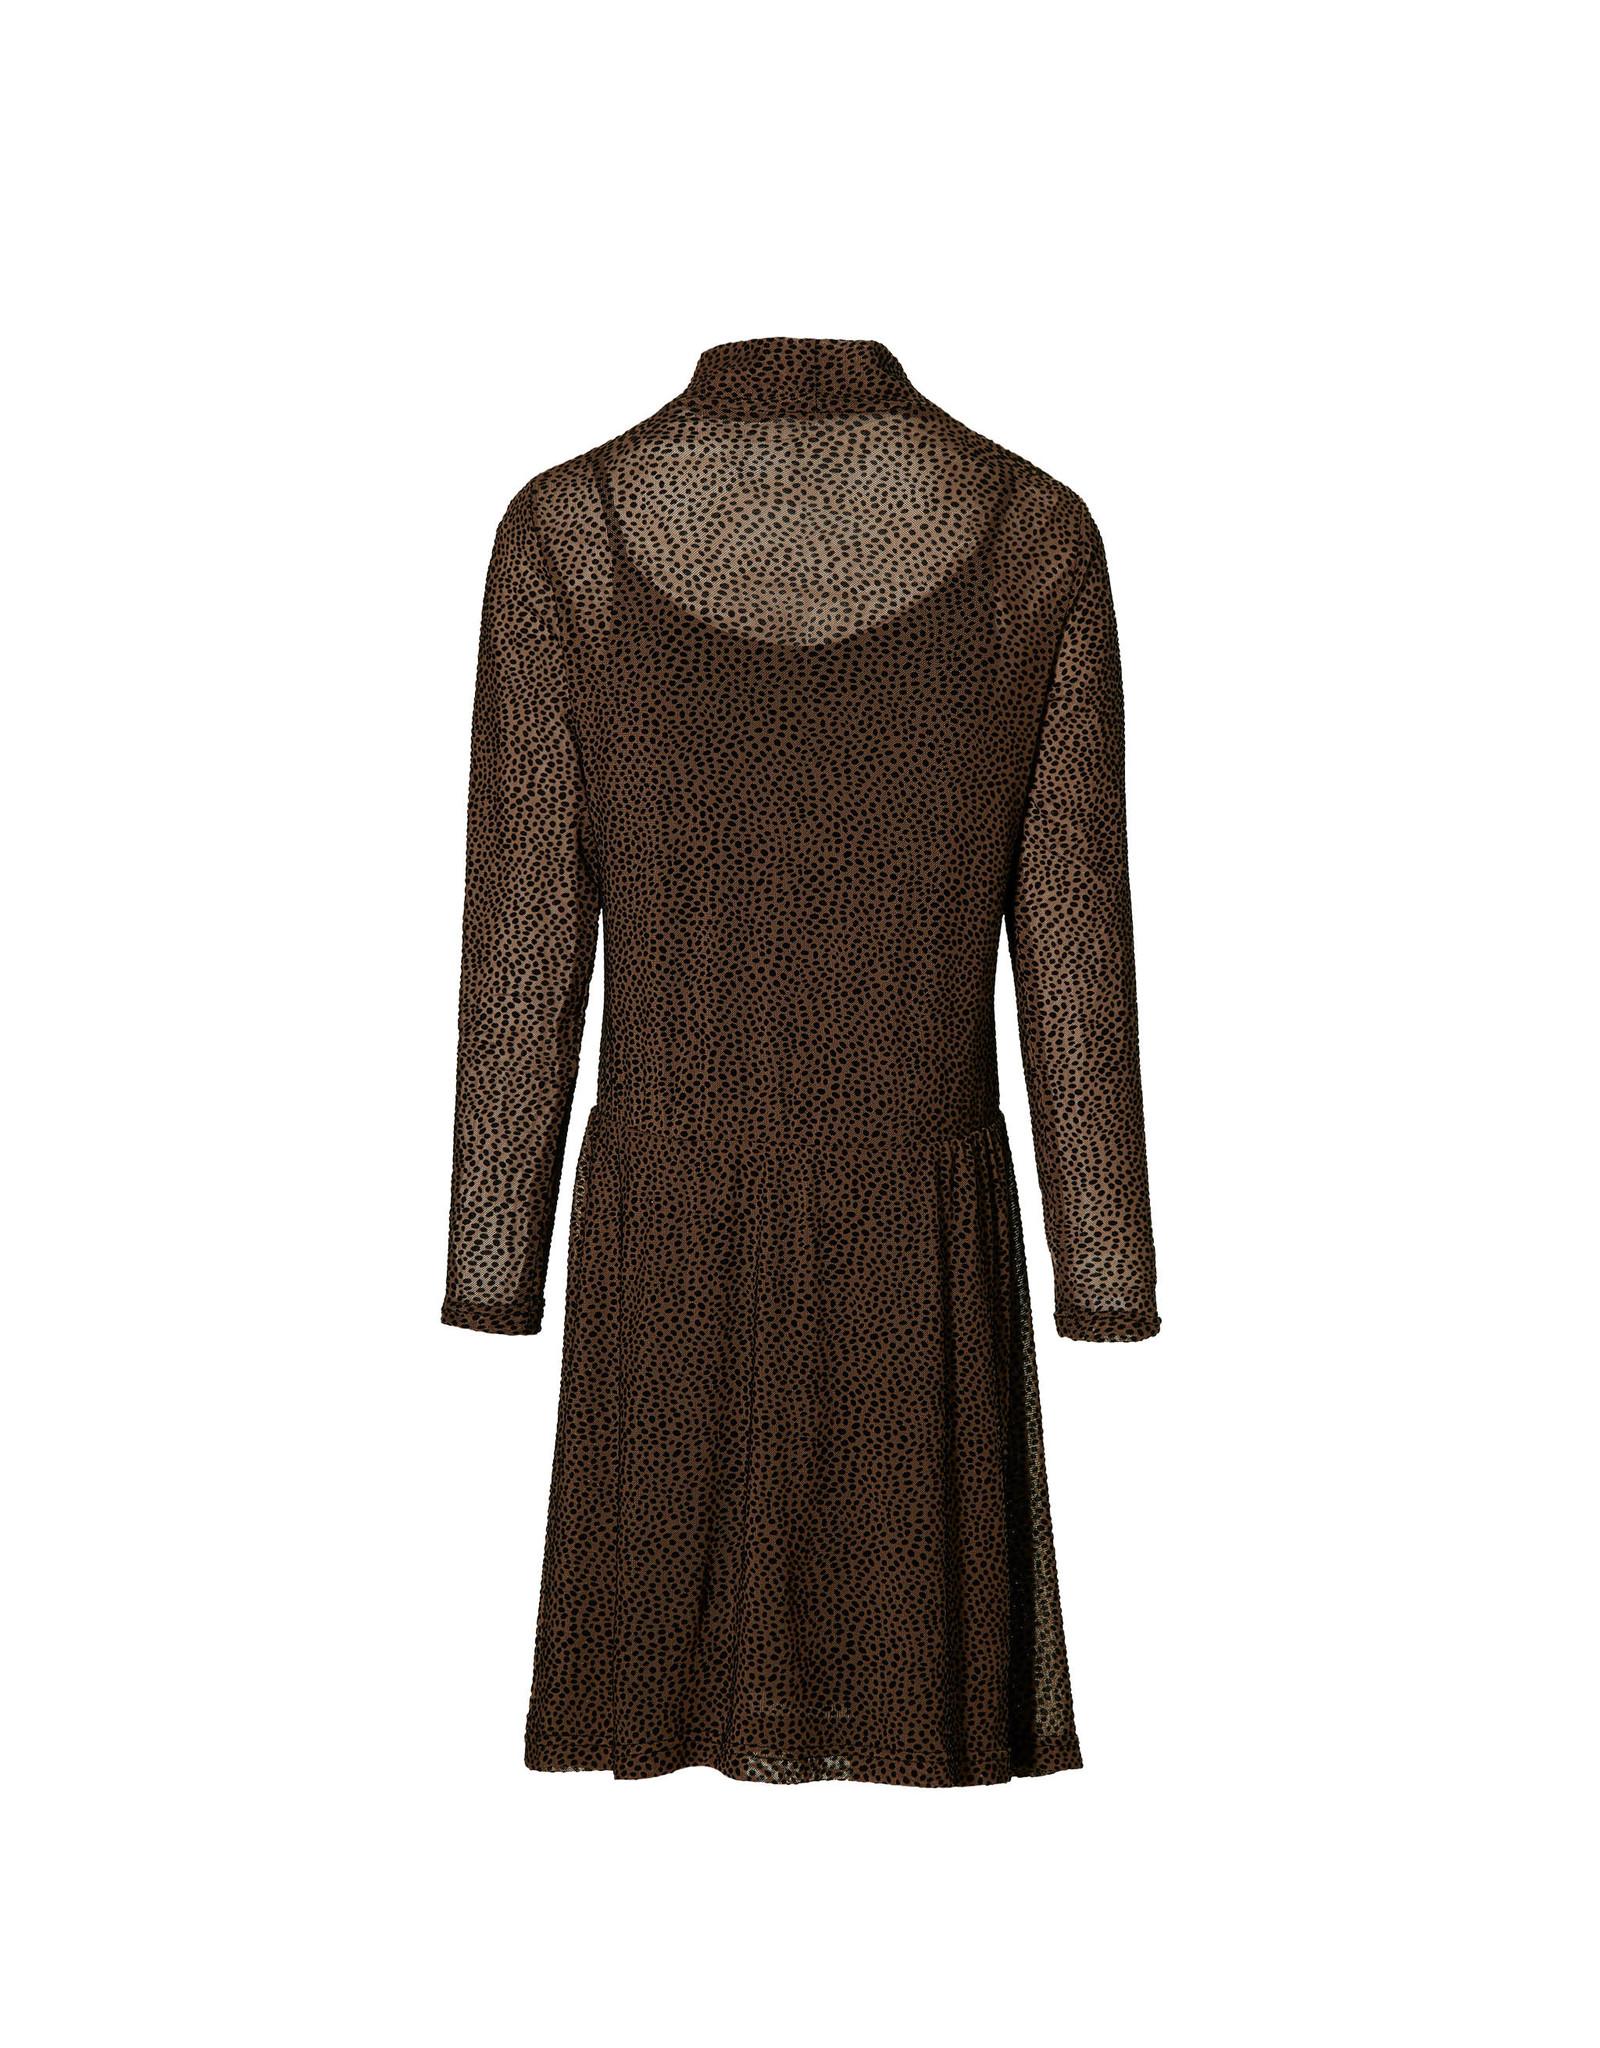 LEVV Levv meiden jurk Kaitlyn Mid Brown Dot